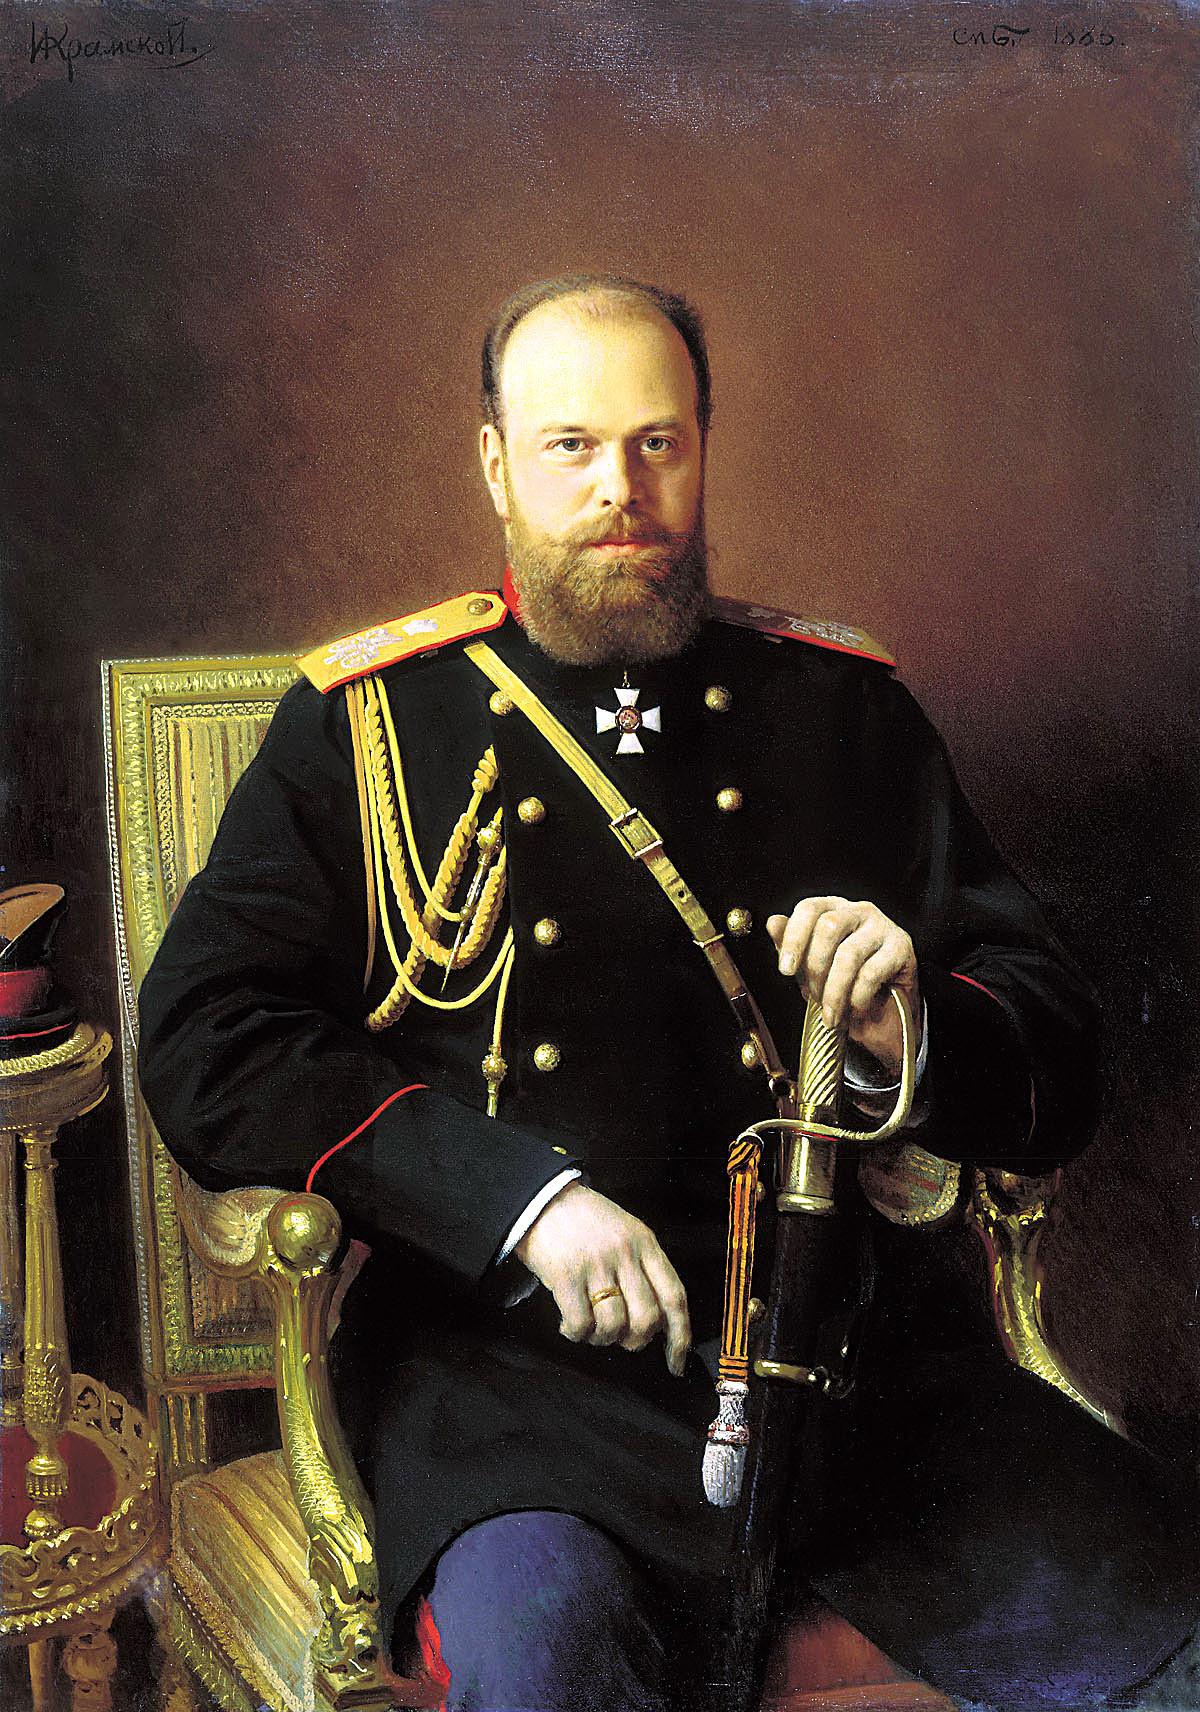 Retrato de Aleksandr 3° por Ivan Kramskoi.